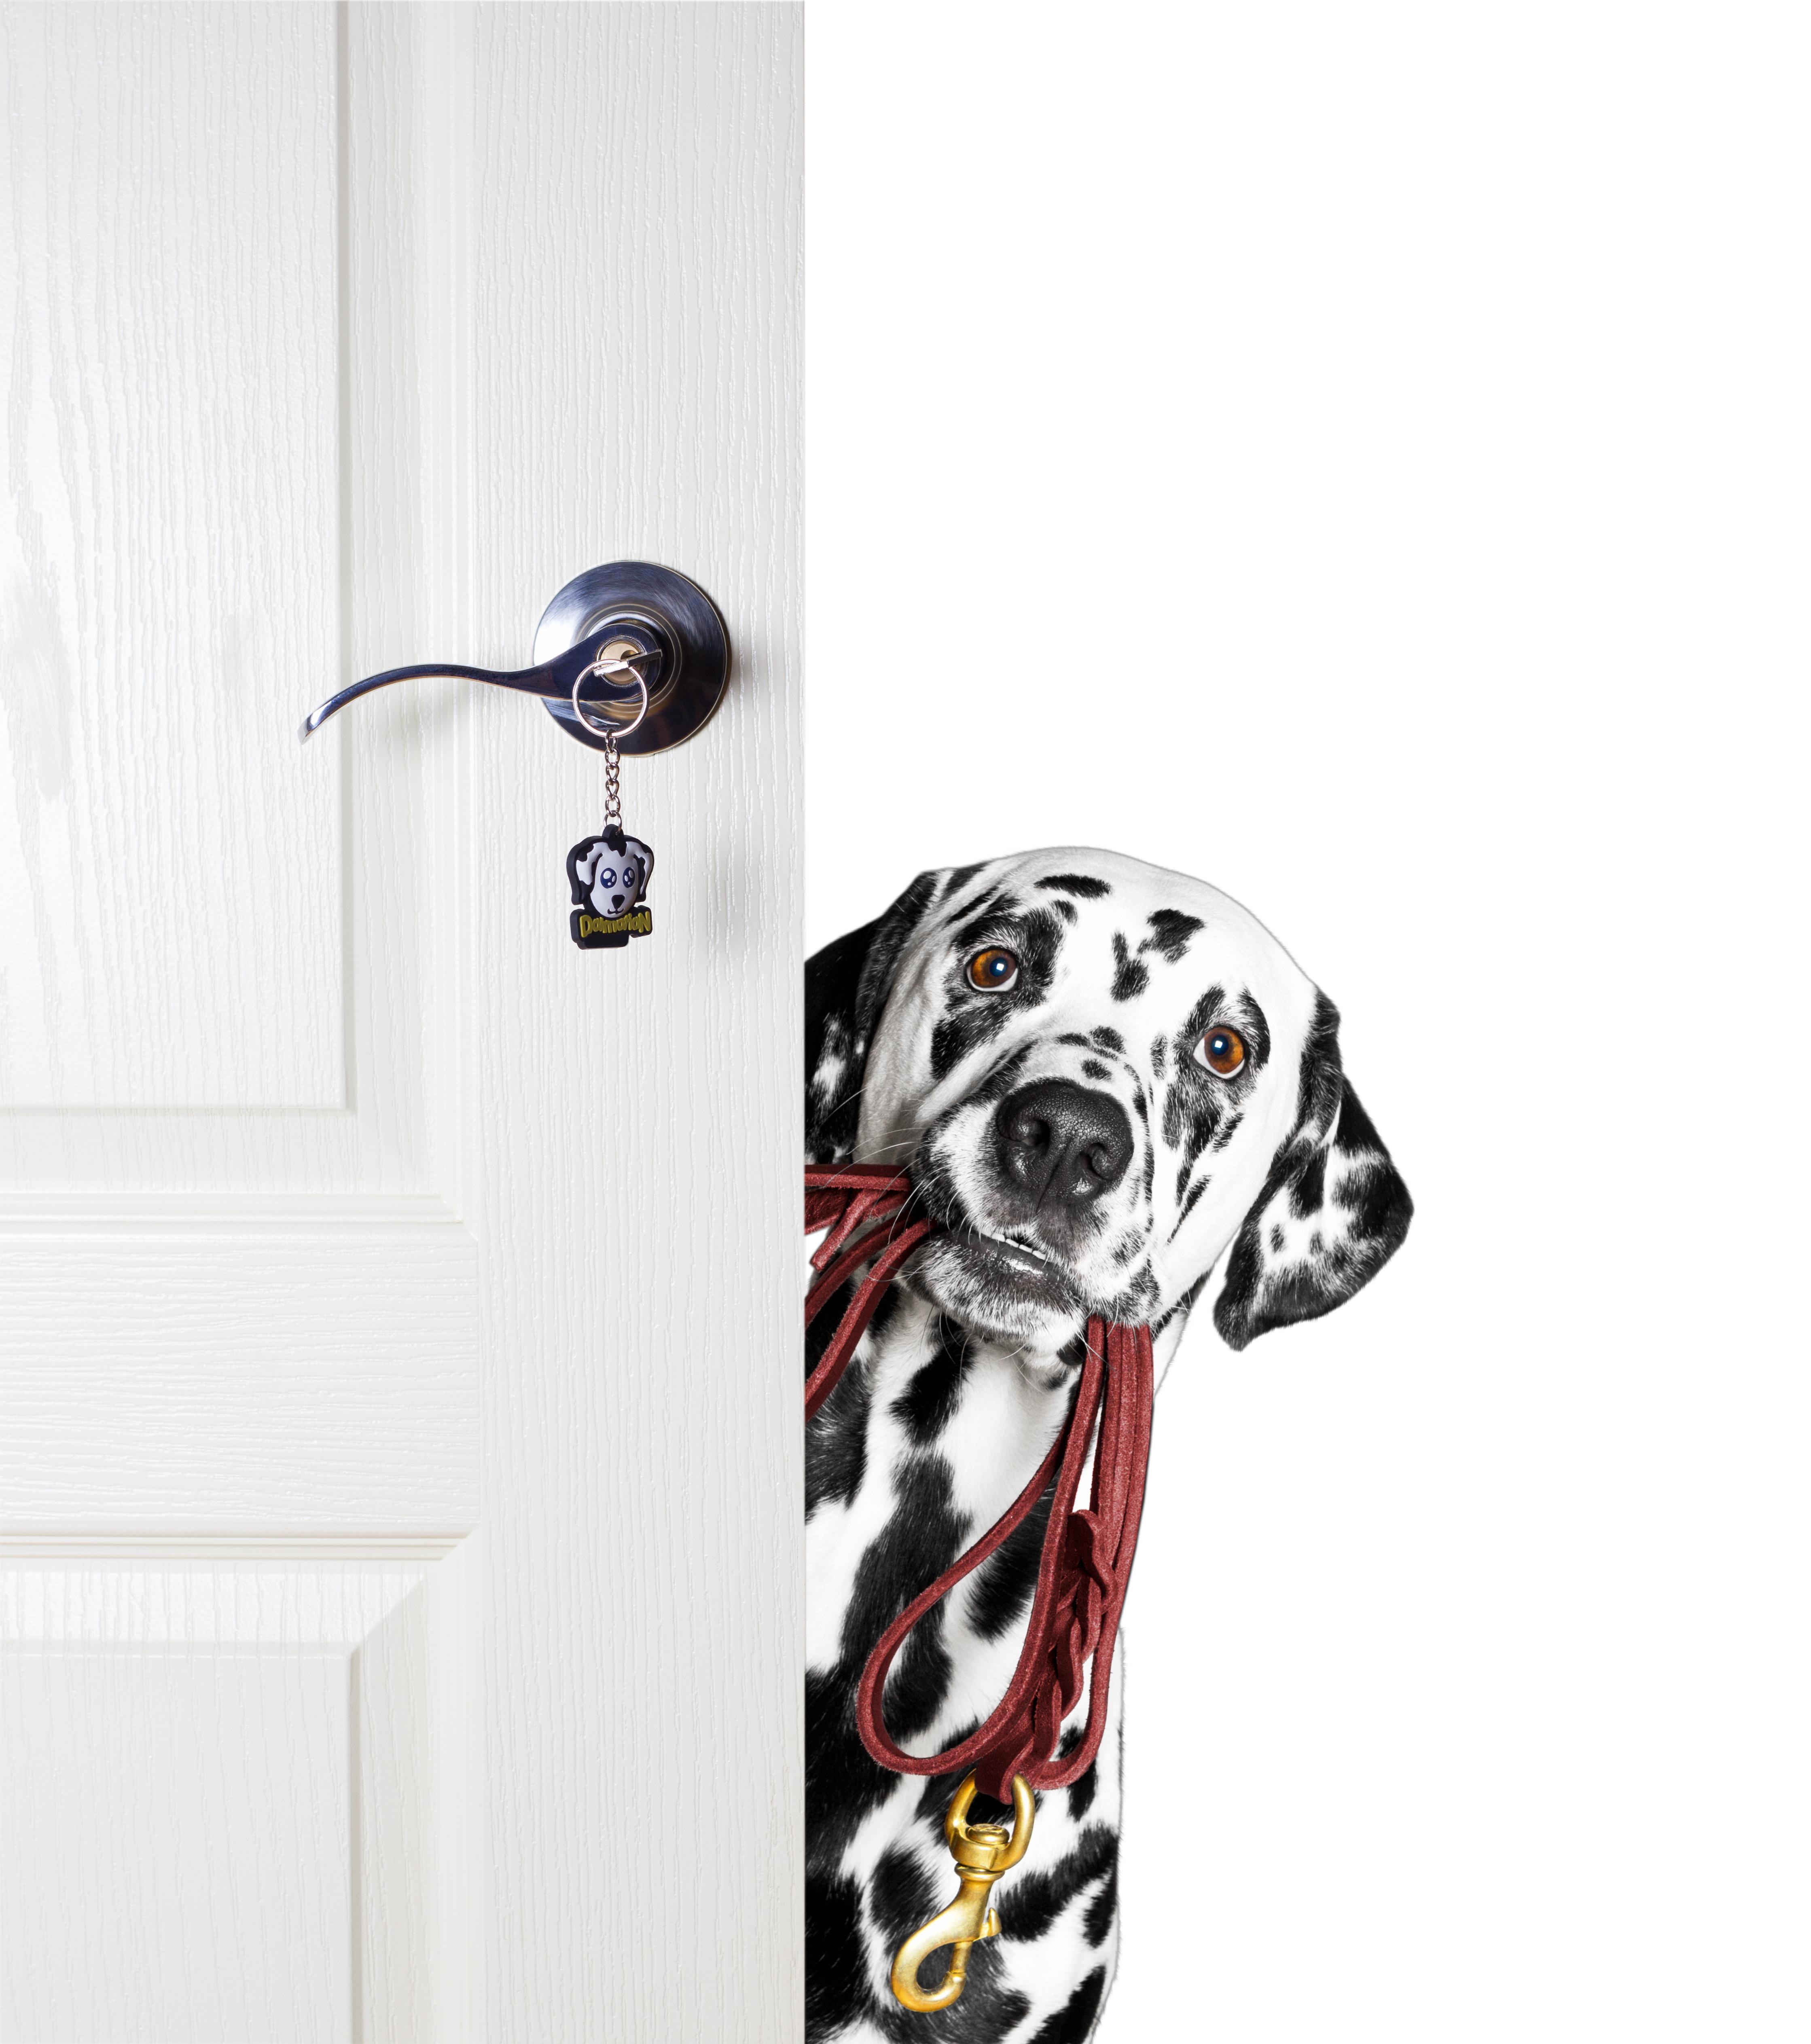 Board your Dog at Marietta Doggy Daycare